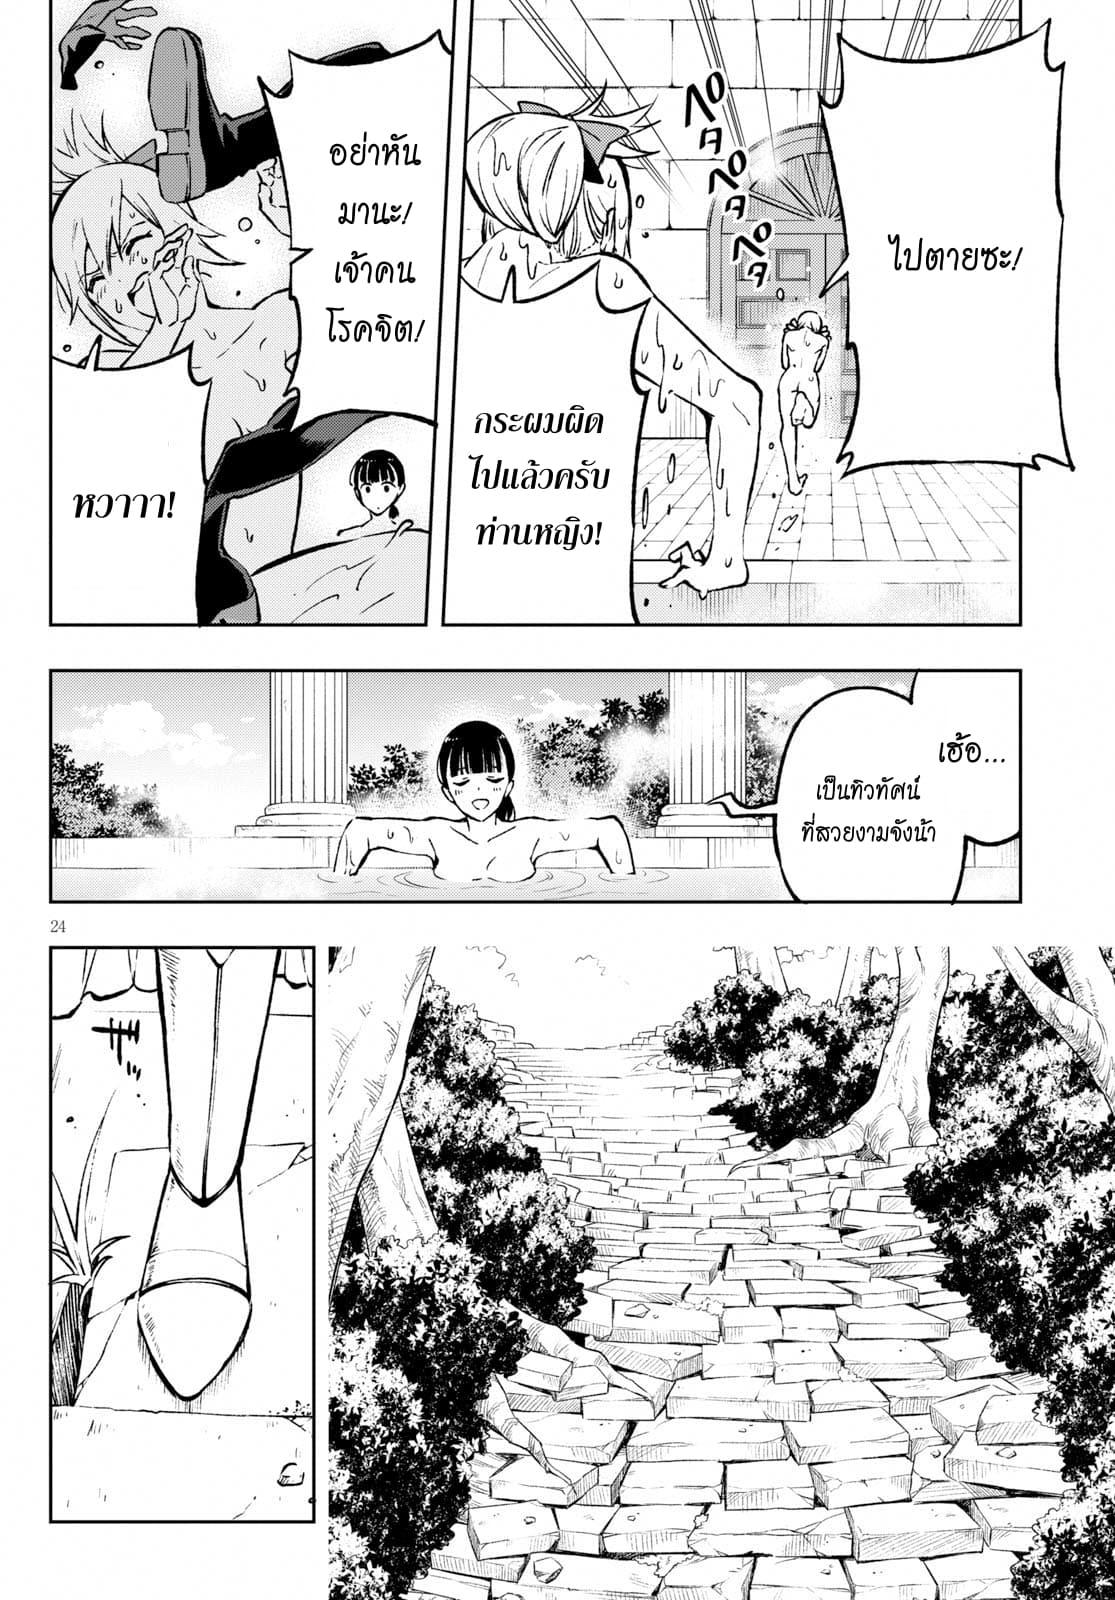 อ่านการ์ตูน Samayoeru Tensei-sha-tachi no Revival Game ตอนที่ 2 หน้าที่ 24